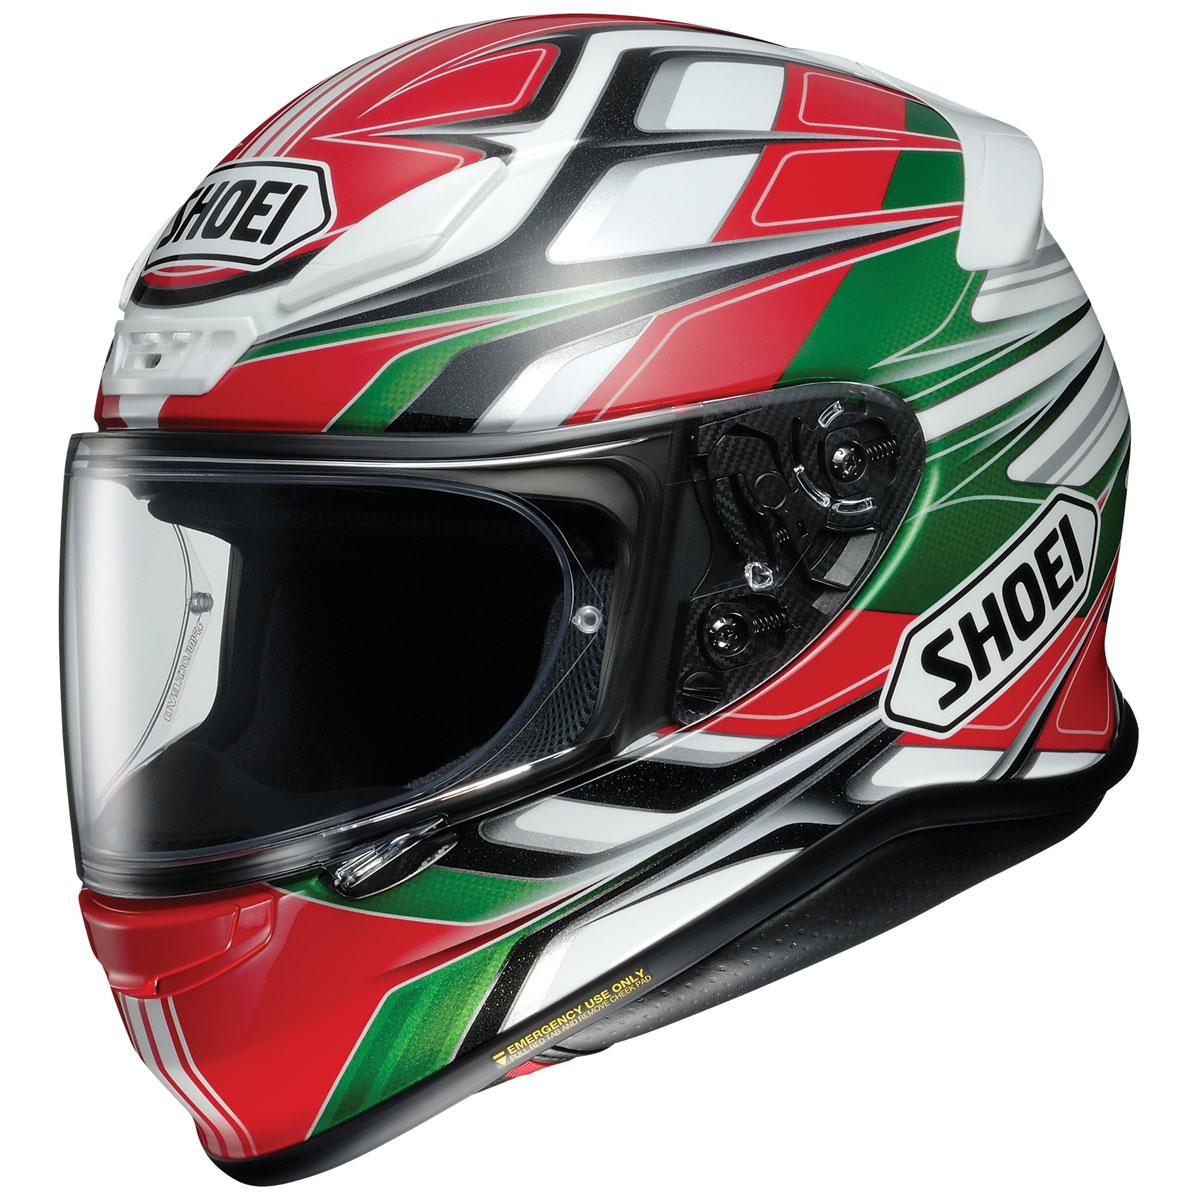 Shoei RF-1200 Rumpus Red/Green/White Full Face Helmet